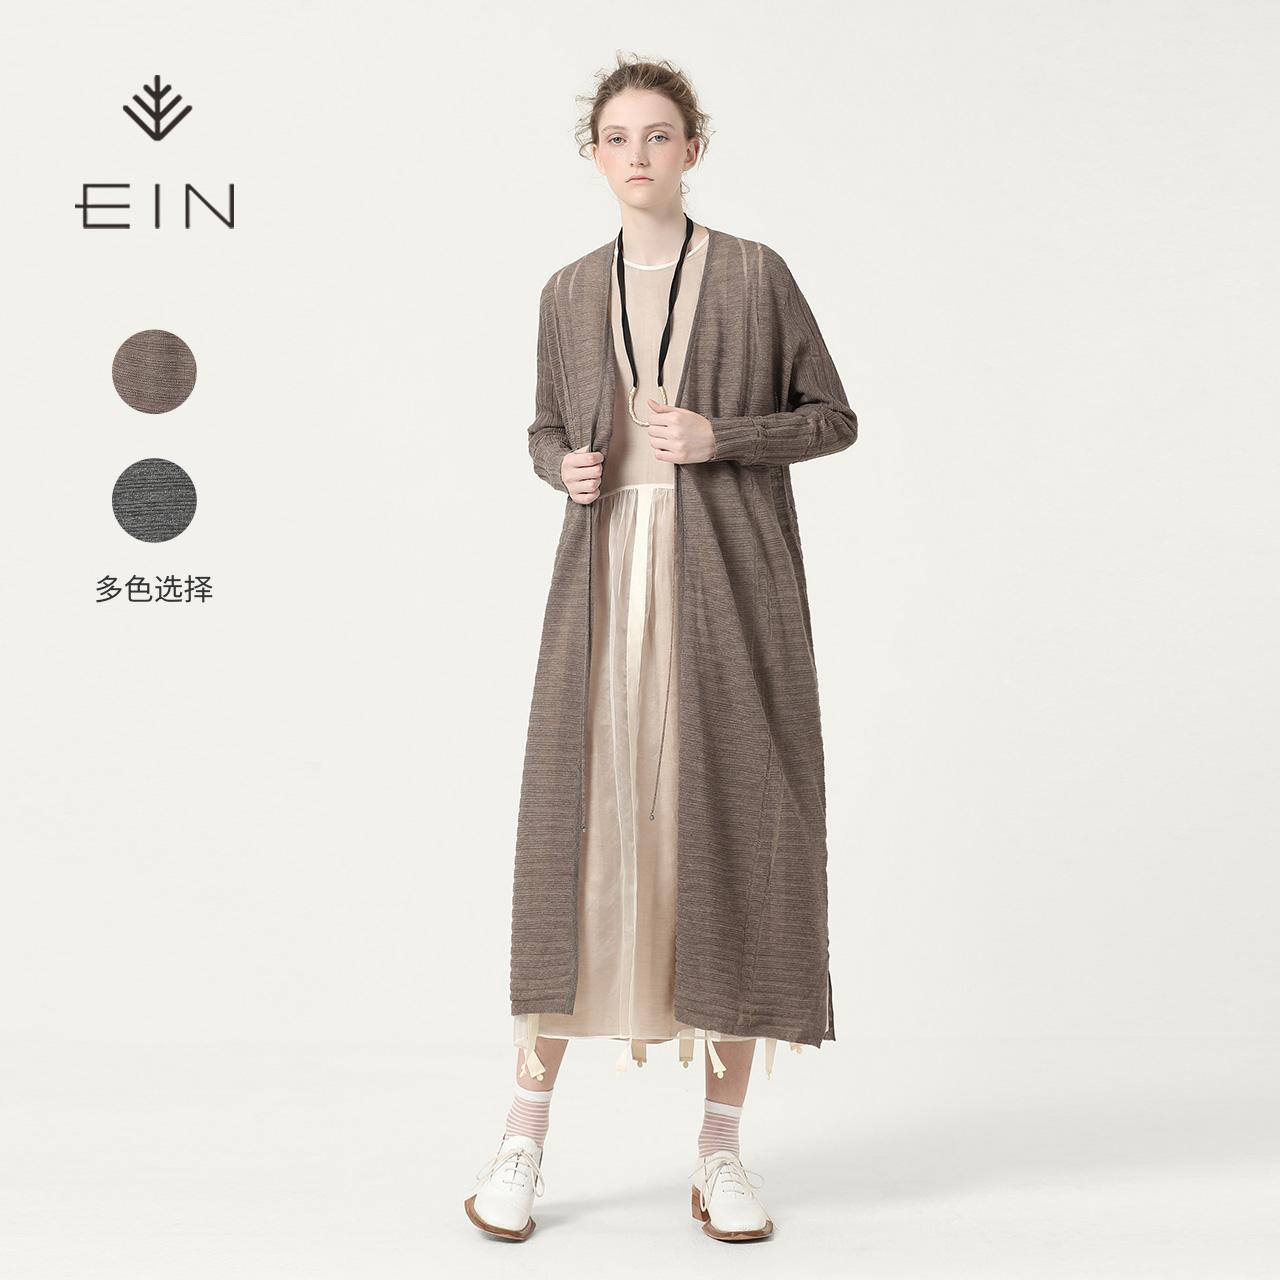 EIN-言意大利進口紗羊毛條紋針織開衫女長款毛衫外套秋新款